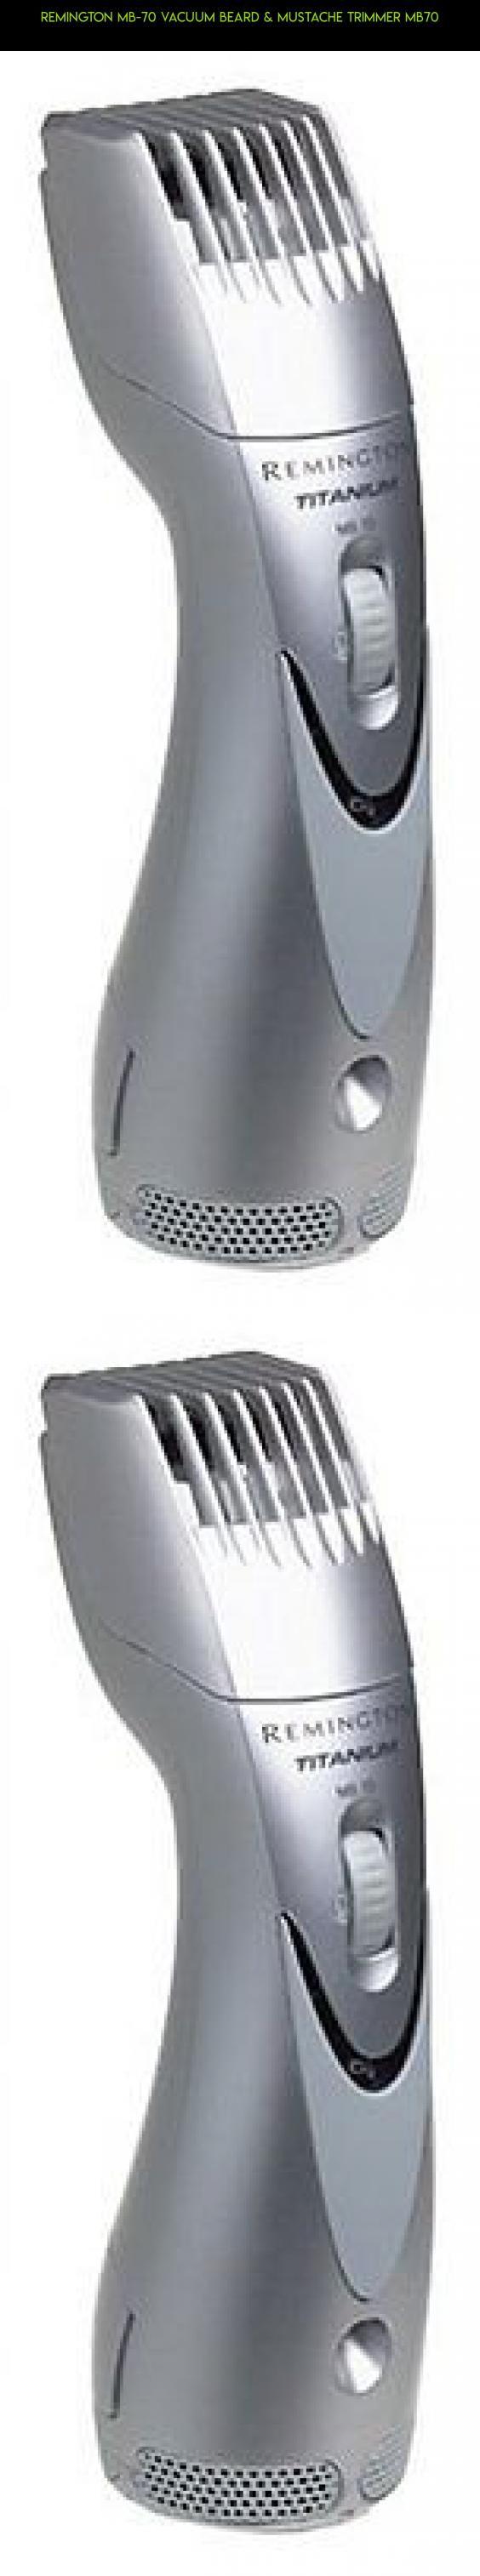 25 best ideas about remington beard trimmer on pinterest best stubble trimmer stubble. Black Bedroom Furniture Sets. Home Design Ideas